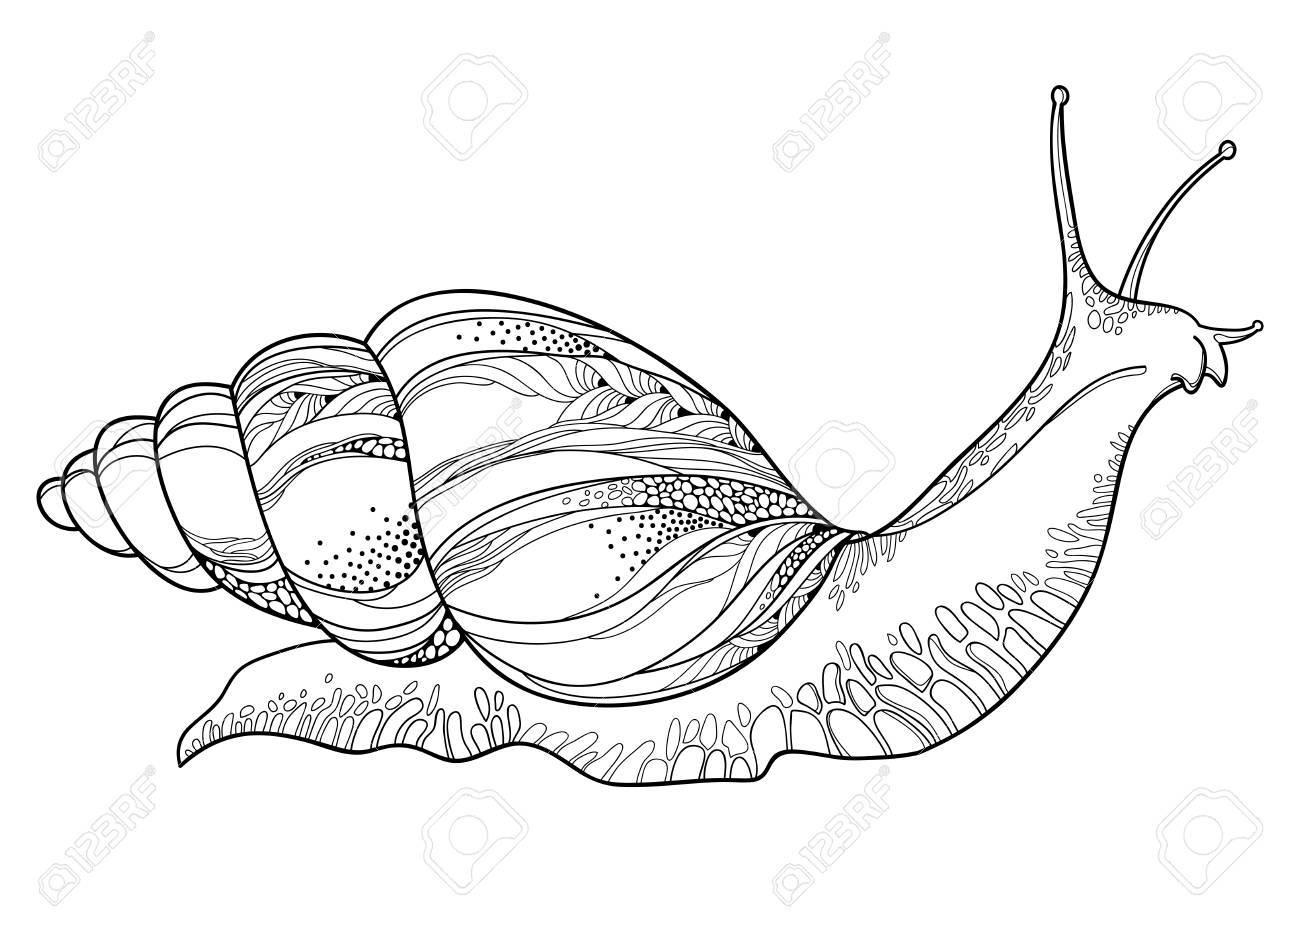 1300x928 Drawing Of Achatina Snail. Royalty Free Cliparts, Vectors,